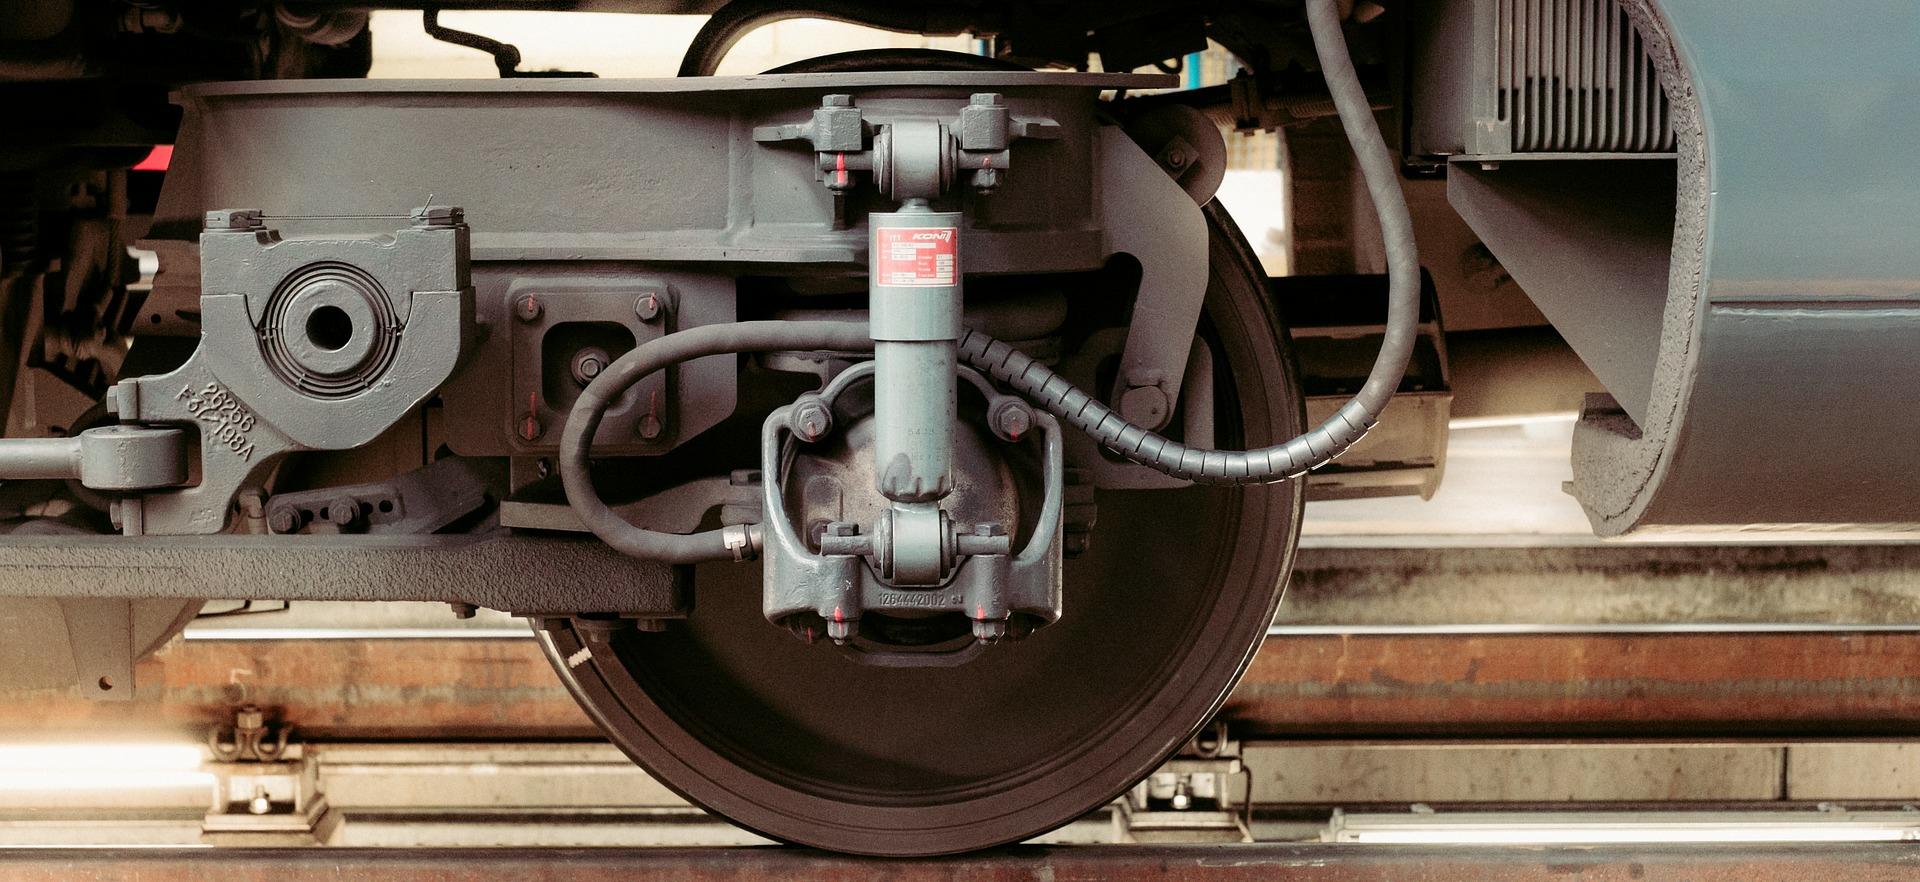 UTP Precision Engineers Engineering rail engineered